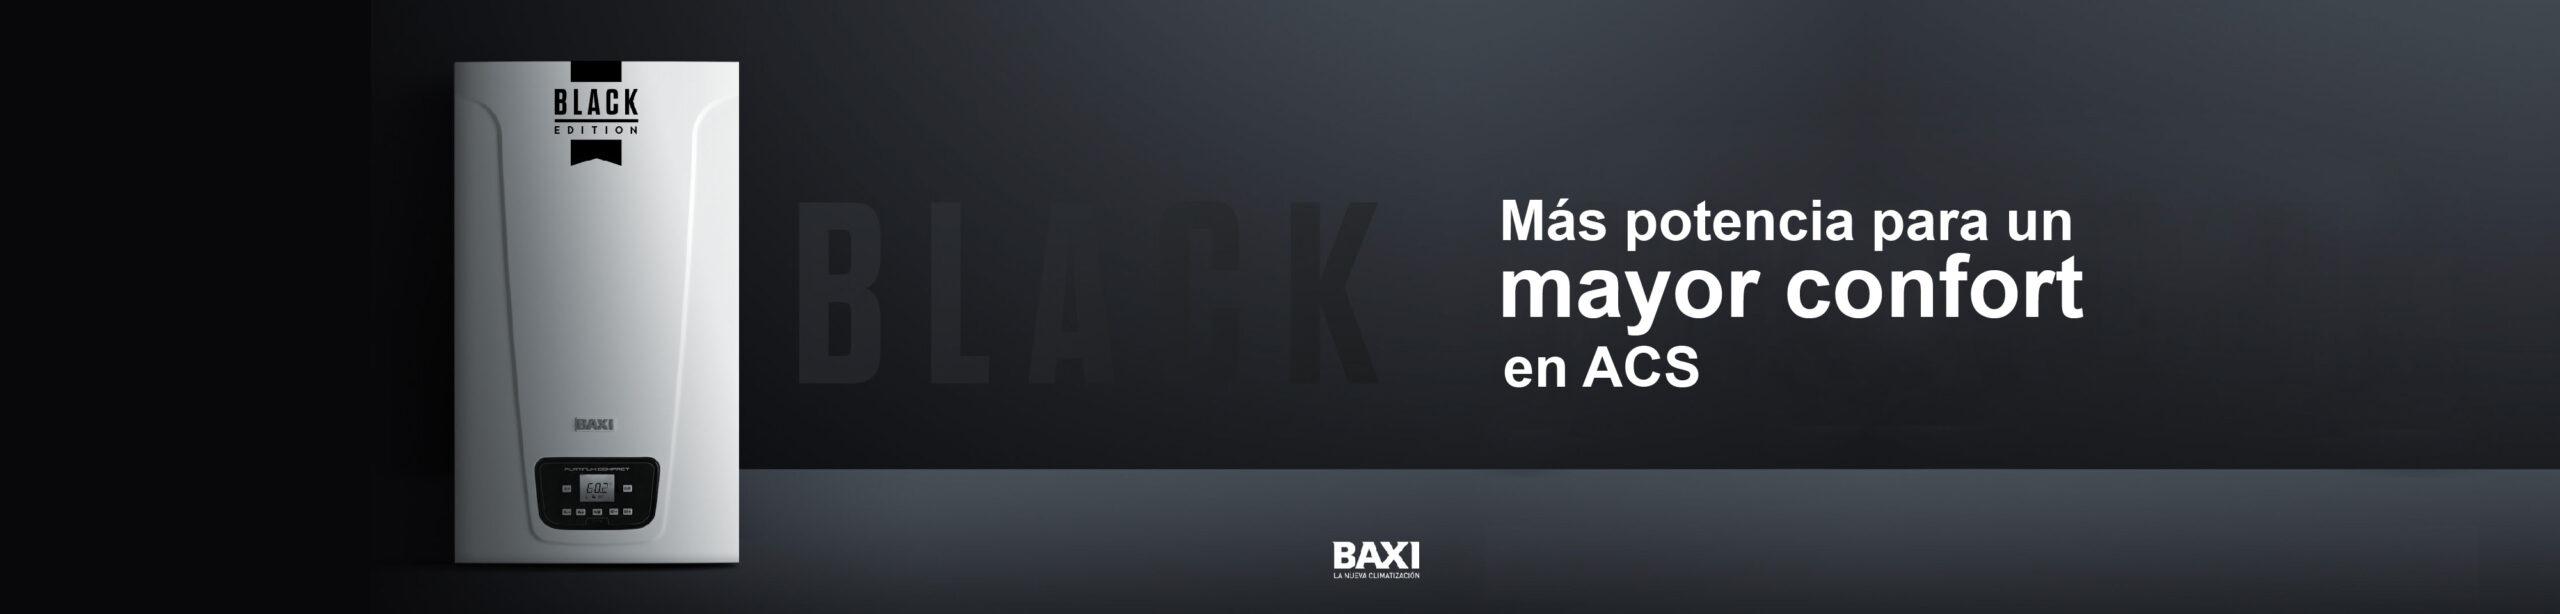 BAXI_BLK_ED_Banner-02